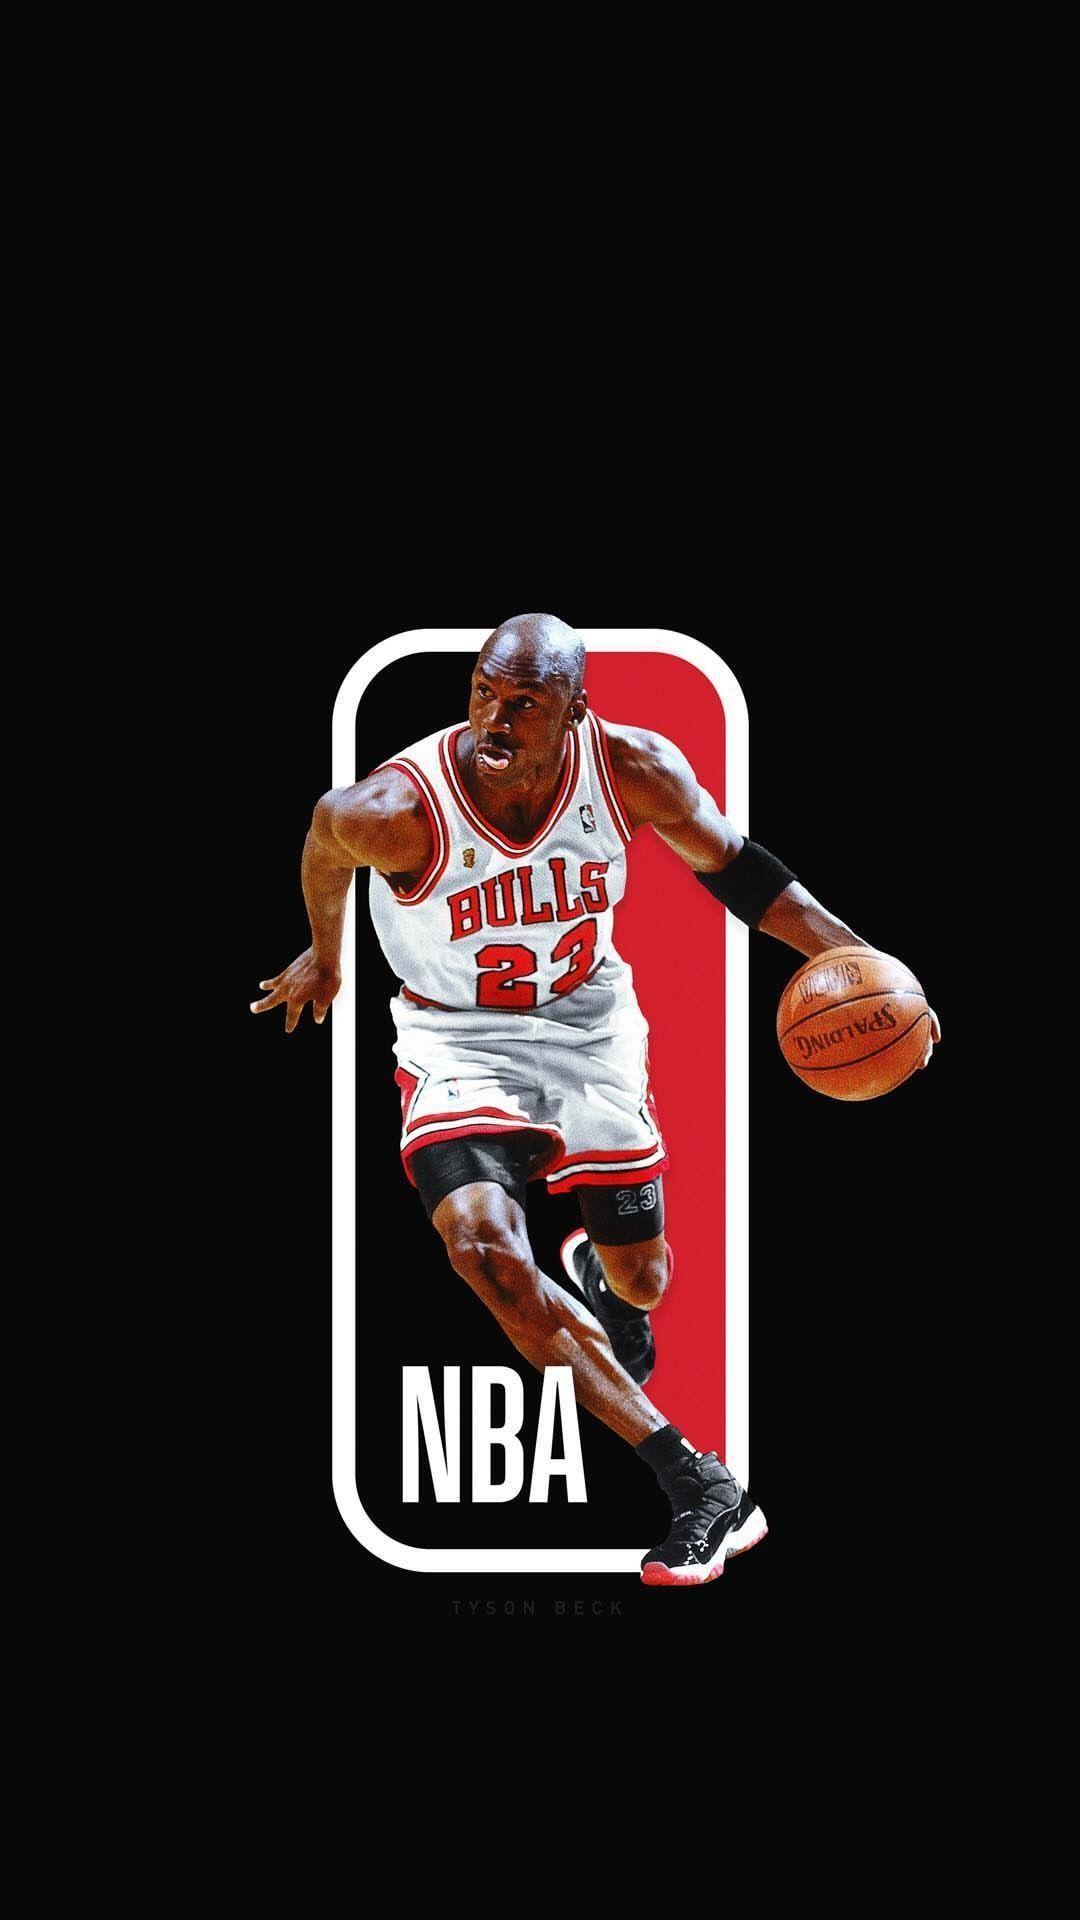 Michael Jordan Wallpaper In 2020 Basketball Quotes Michael Jordan Nba Logo Michael Jordan Pictures